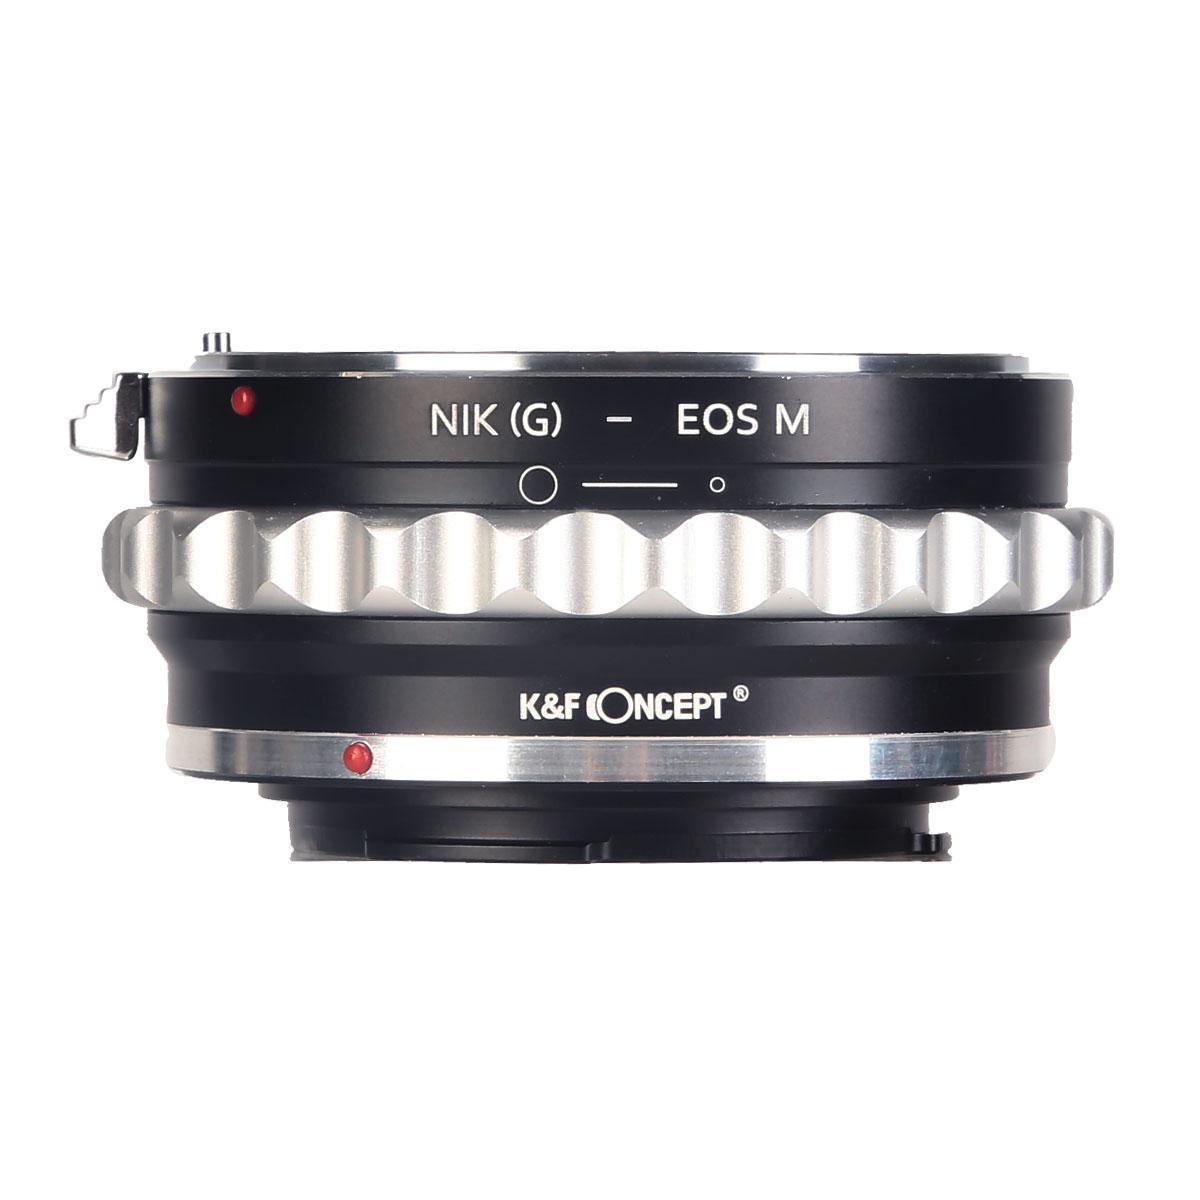 K&F M18141 Lentes Nikon G/F/AI/AIS/D para Canon EOS M Adaptador de Montagem de Lente